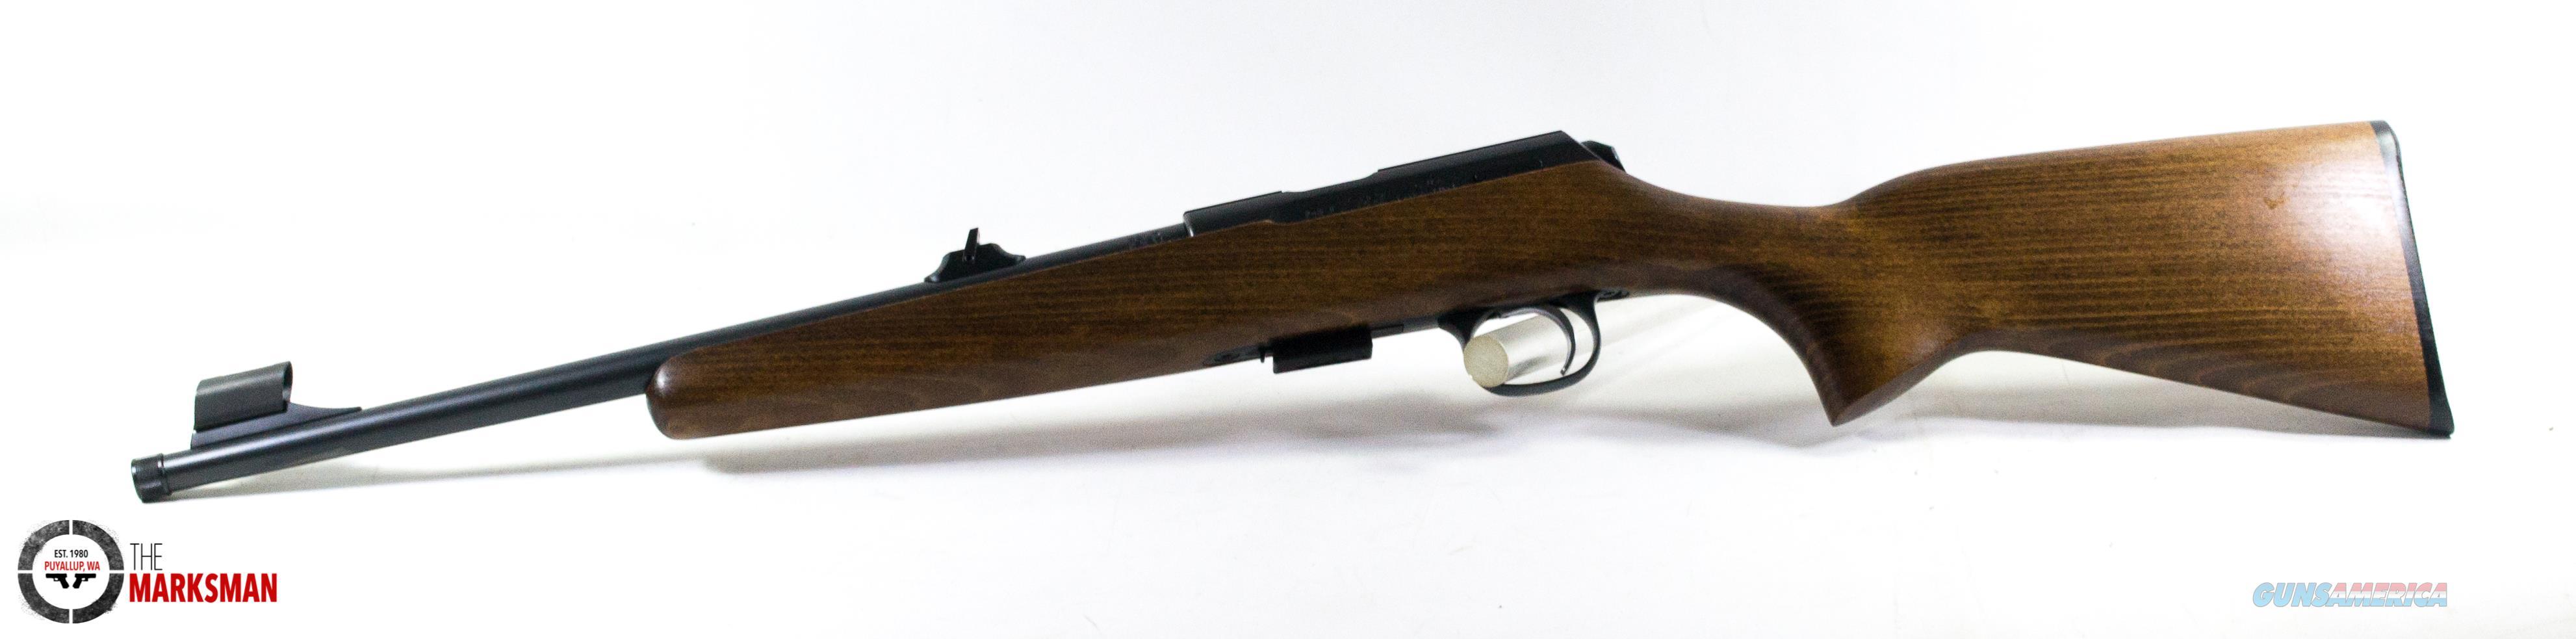 CZ 457 Scout, .22 lr NEW 02335  Guns > Rifles > CZ Rifles